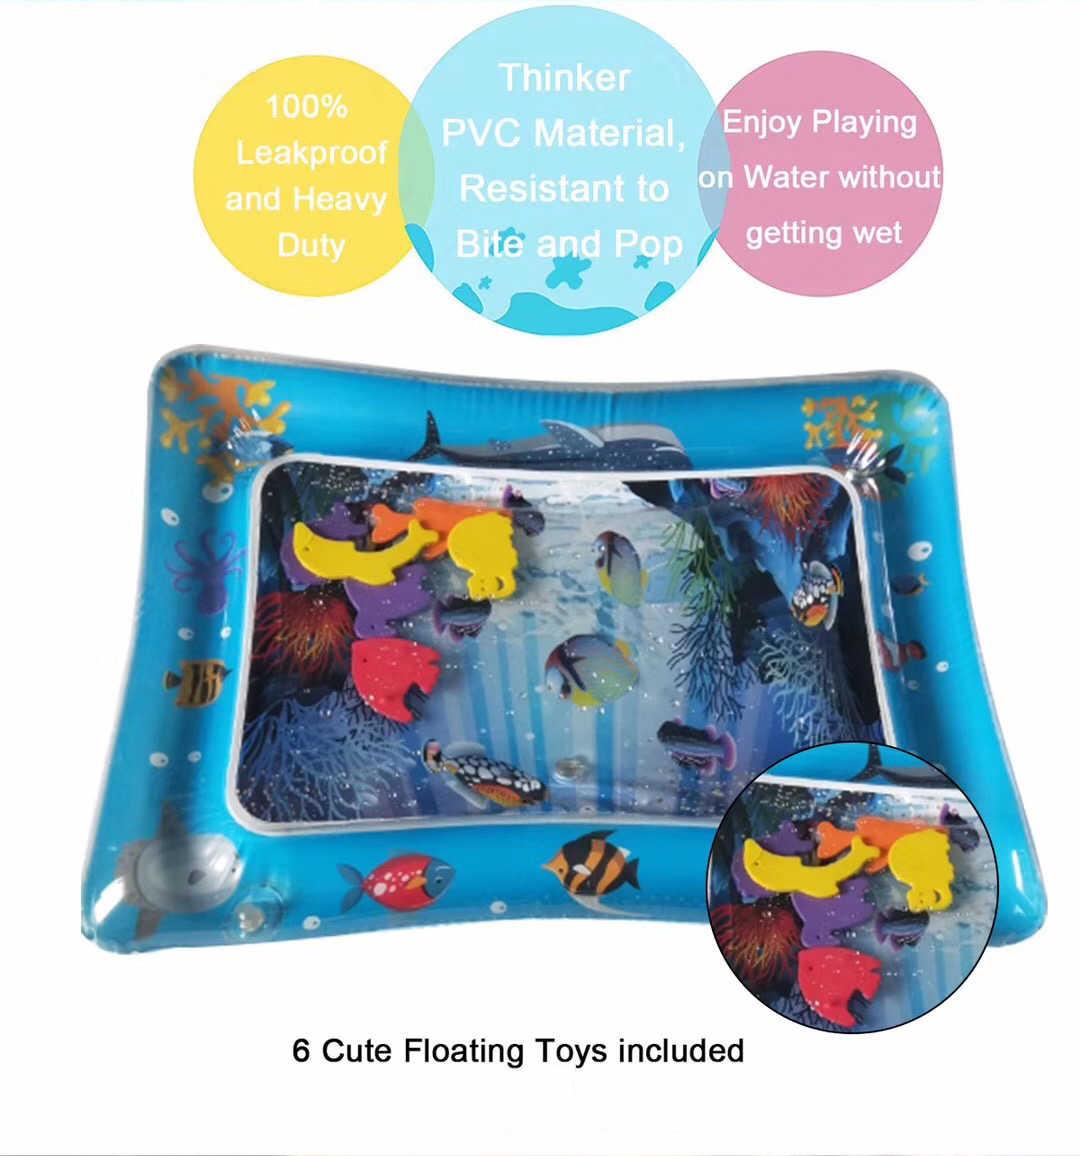 뜨거운 판매 아기 아이 물 놀이 매트 풍선 유아 Tummy 시간 Playmat 유아 아기 재미 활동 놀이 센터 DropshipTSLM1